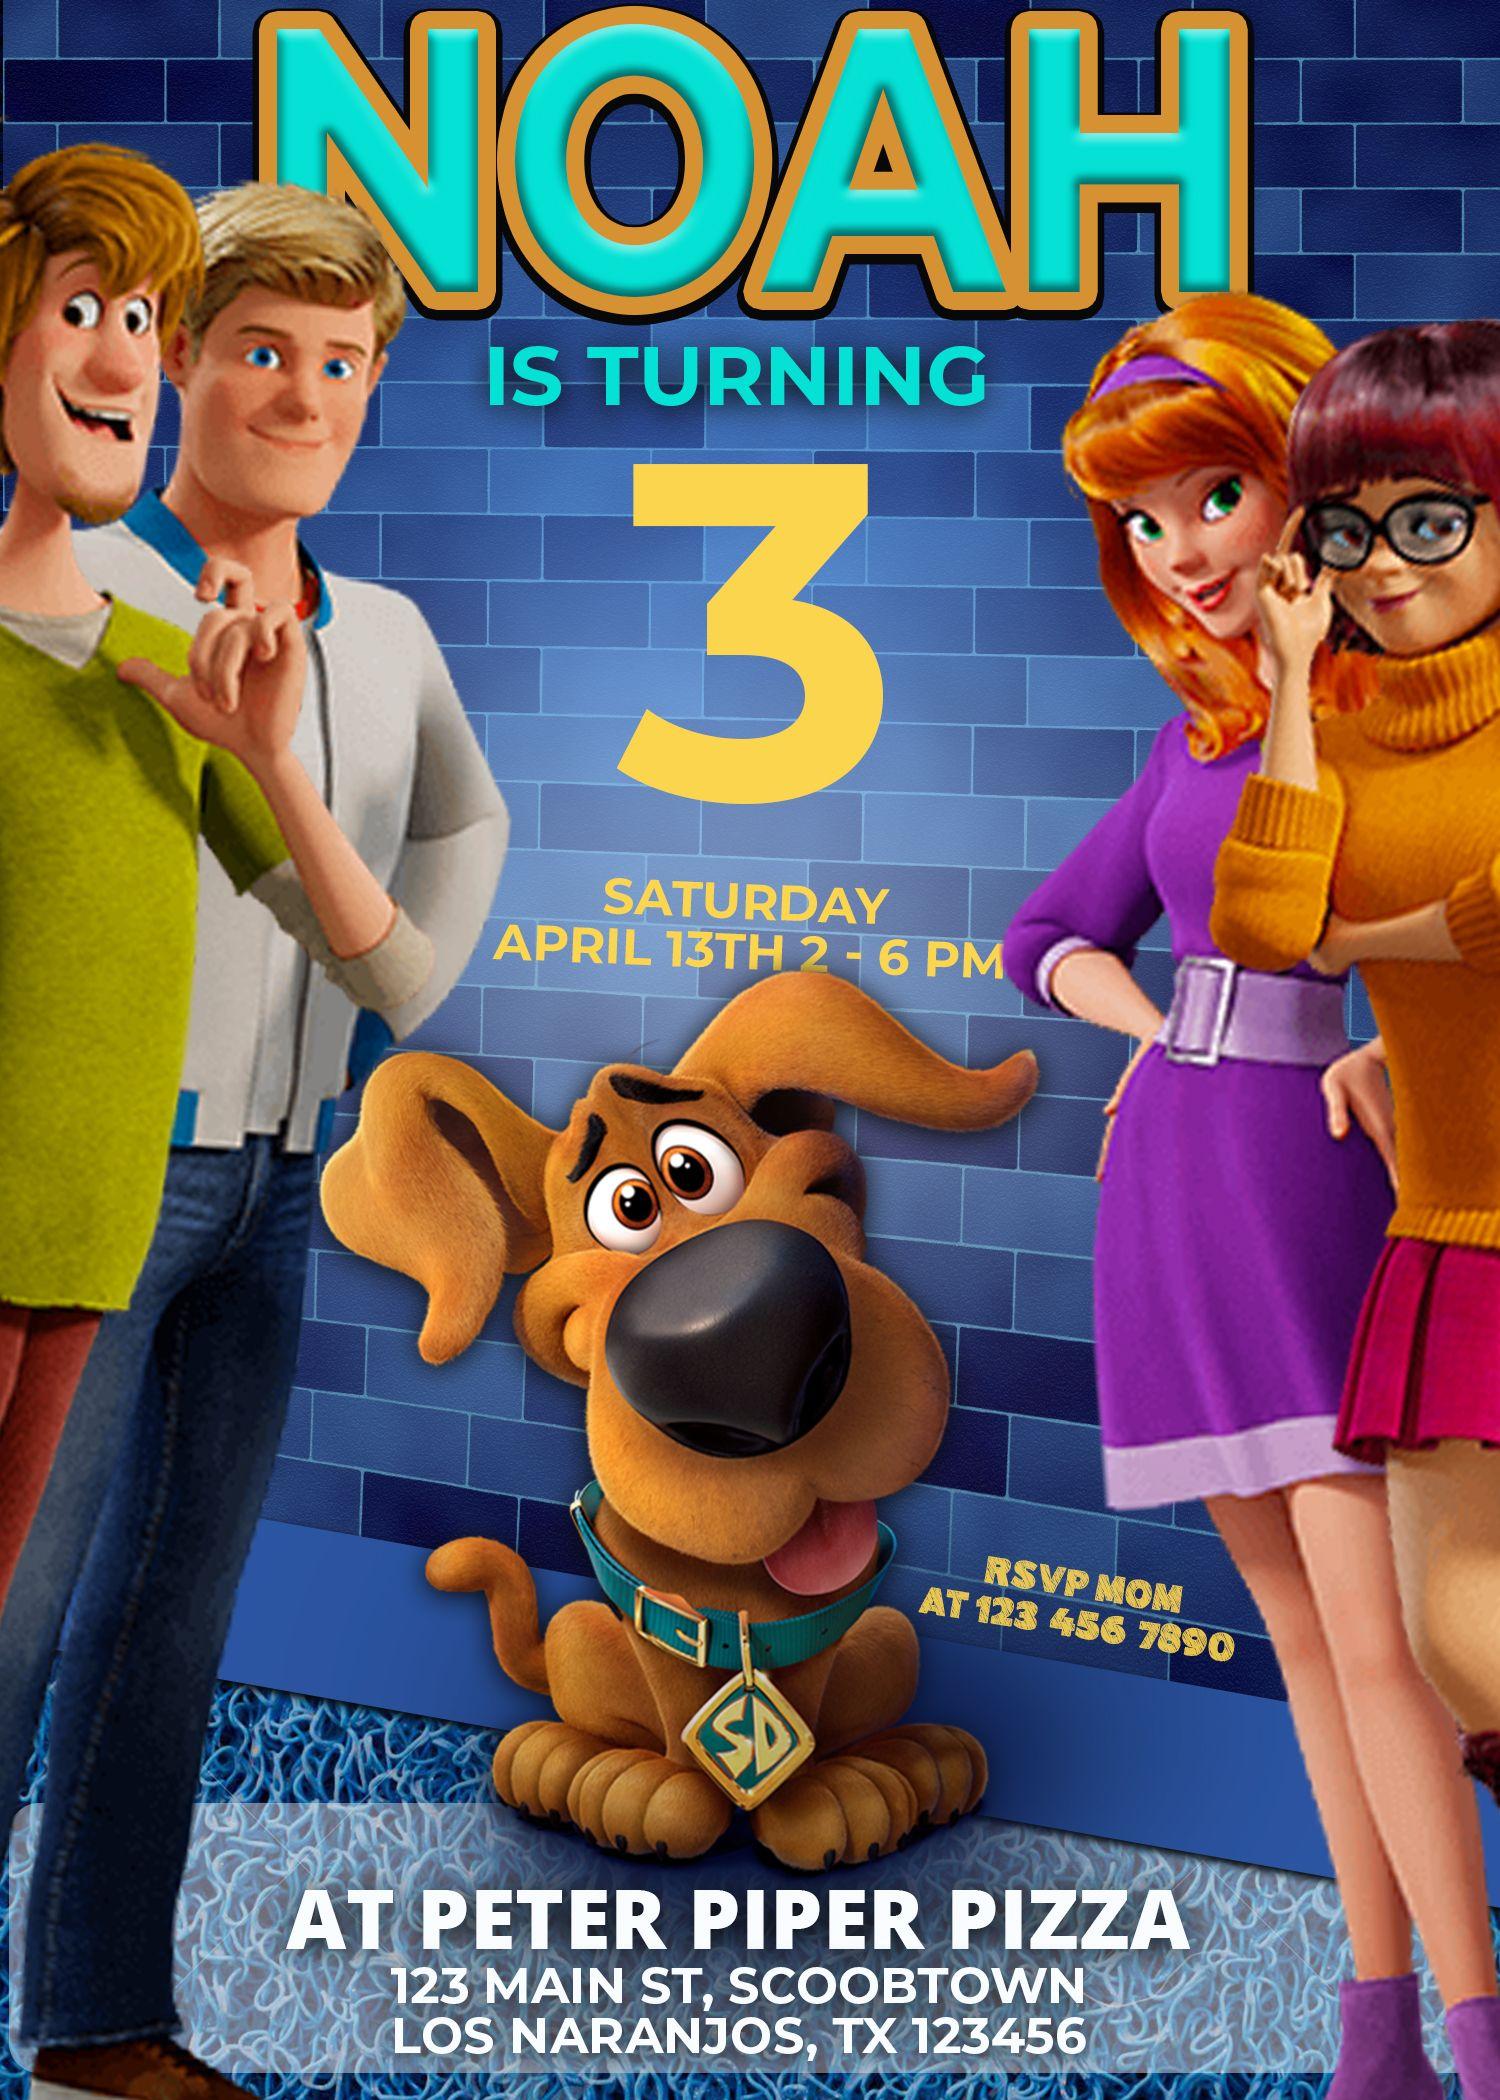 Scooby Doo Birthday Invitation Oscarsitosroom Scooby Doo Scooby Doo Movie Scooby Doo Birthday Party